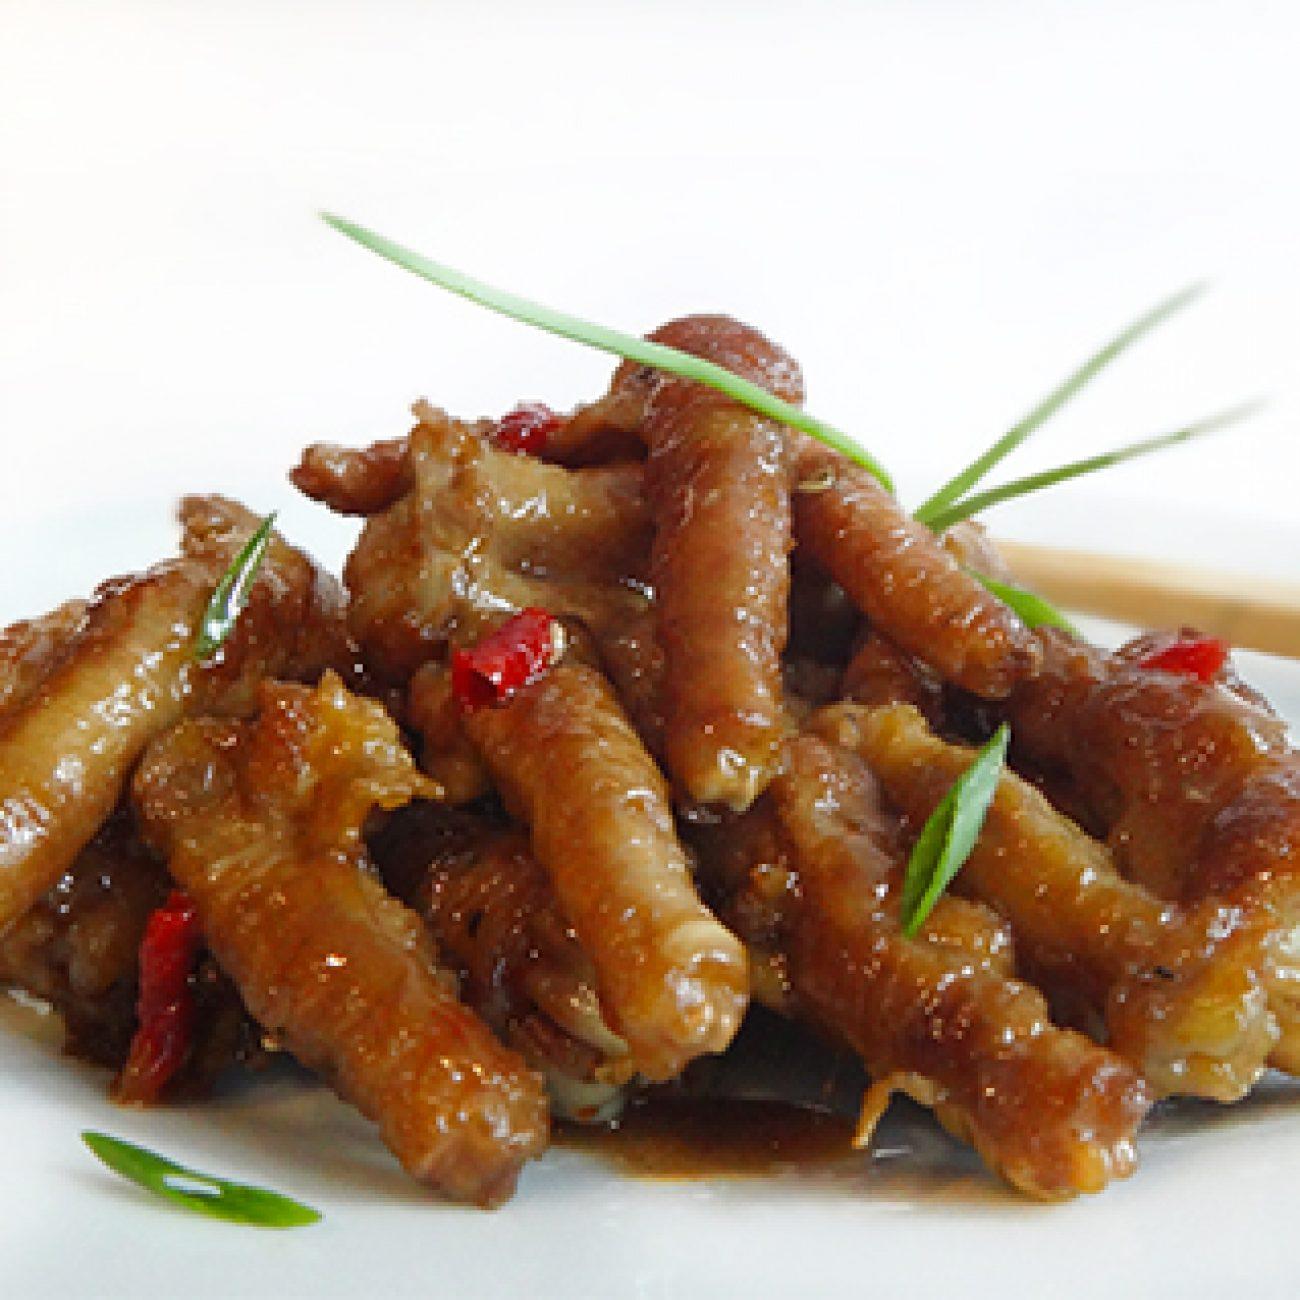 куриные лапки по китайски рецепт с фото пошагово выставленные ряд